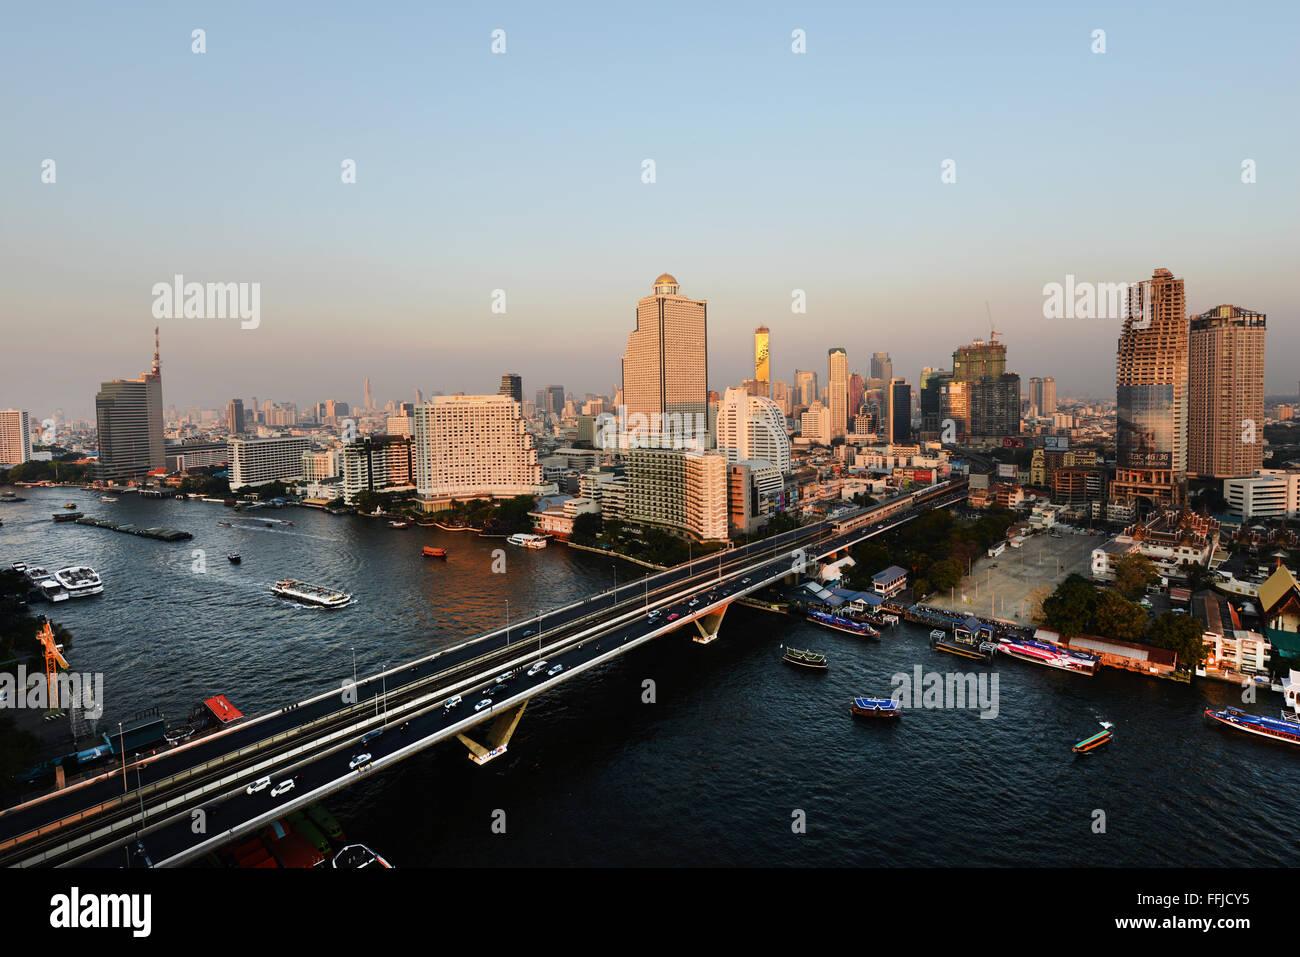 Una bellissima vista di Bangkok durante il tramonto. Immagini Stock